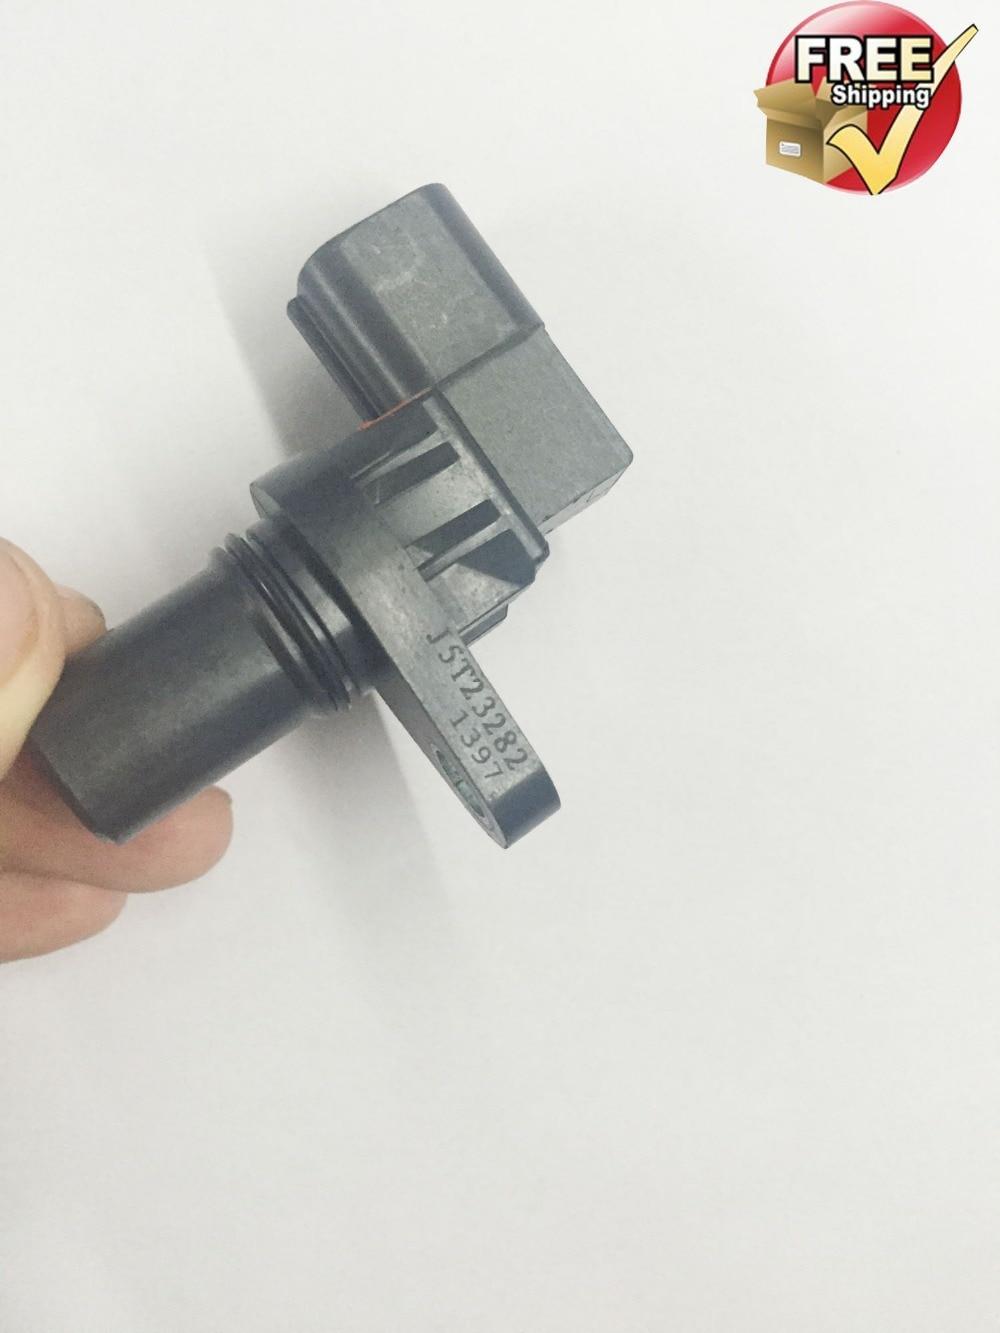 new oem J5T23282 for FUEL <font><b>PUMP</b></font> SPEED SENSOR Crank Sensor cam sensor 00-06 for SHOGUN 3.2 DI-D ZEXEL